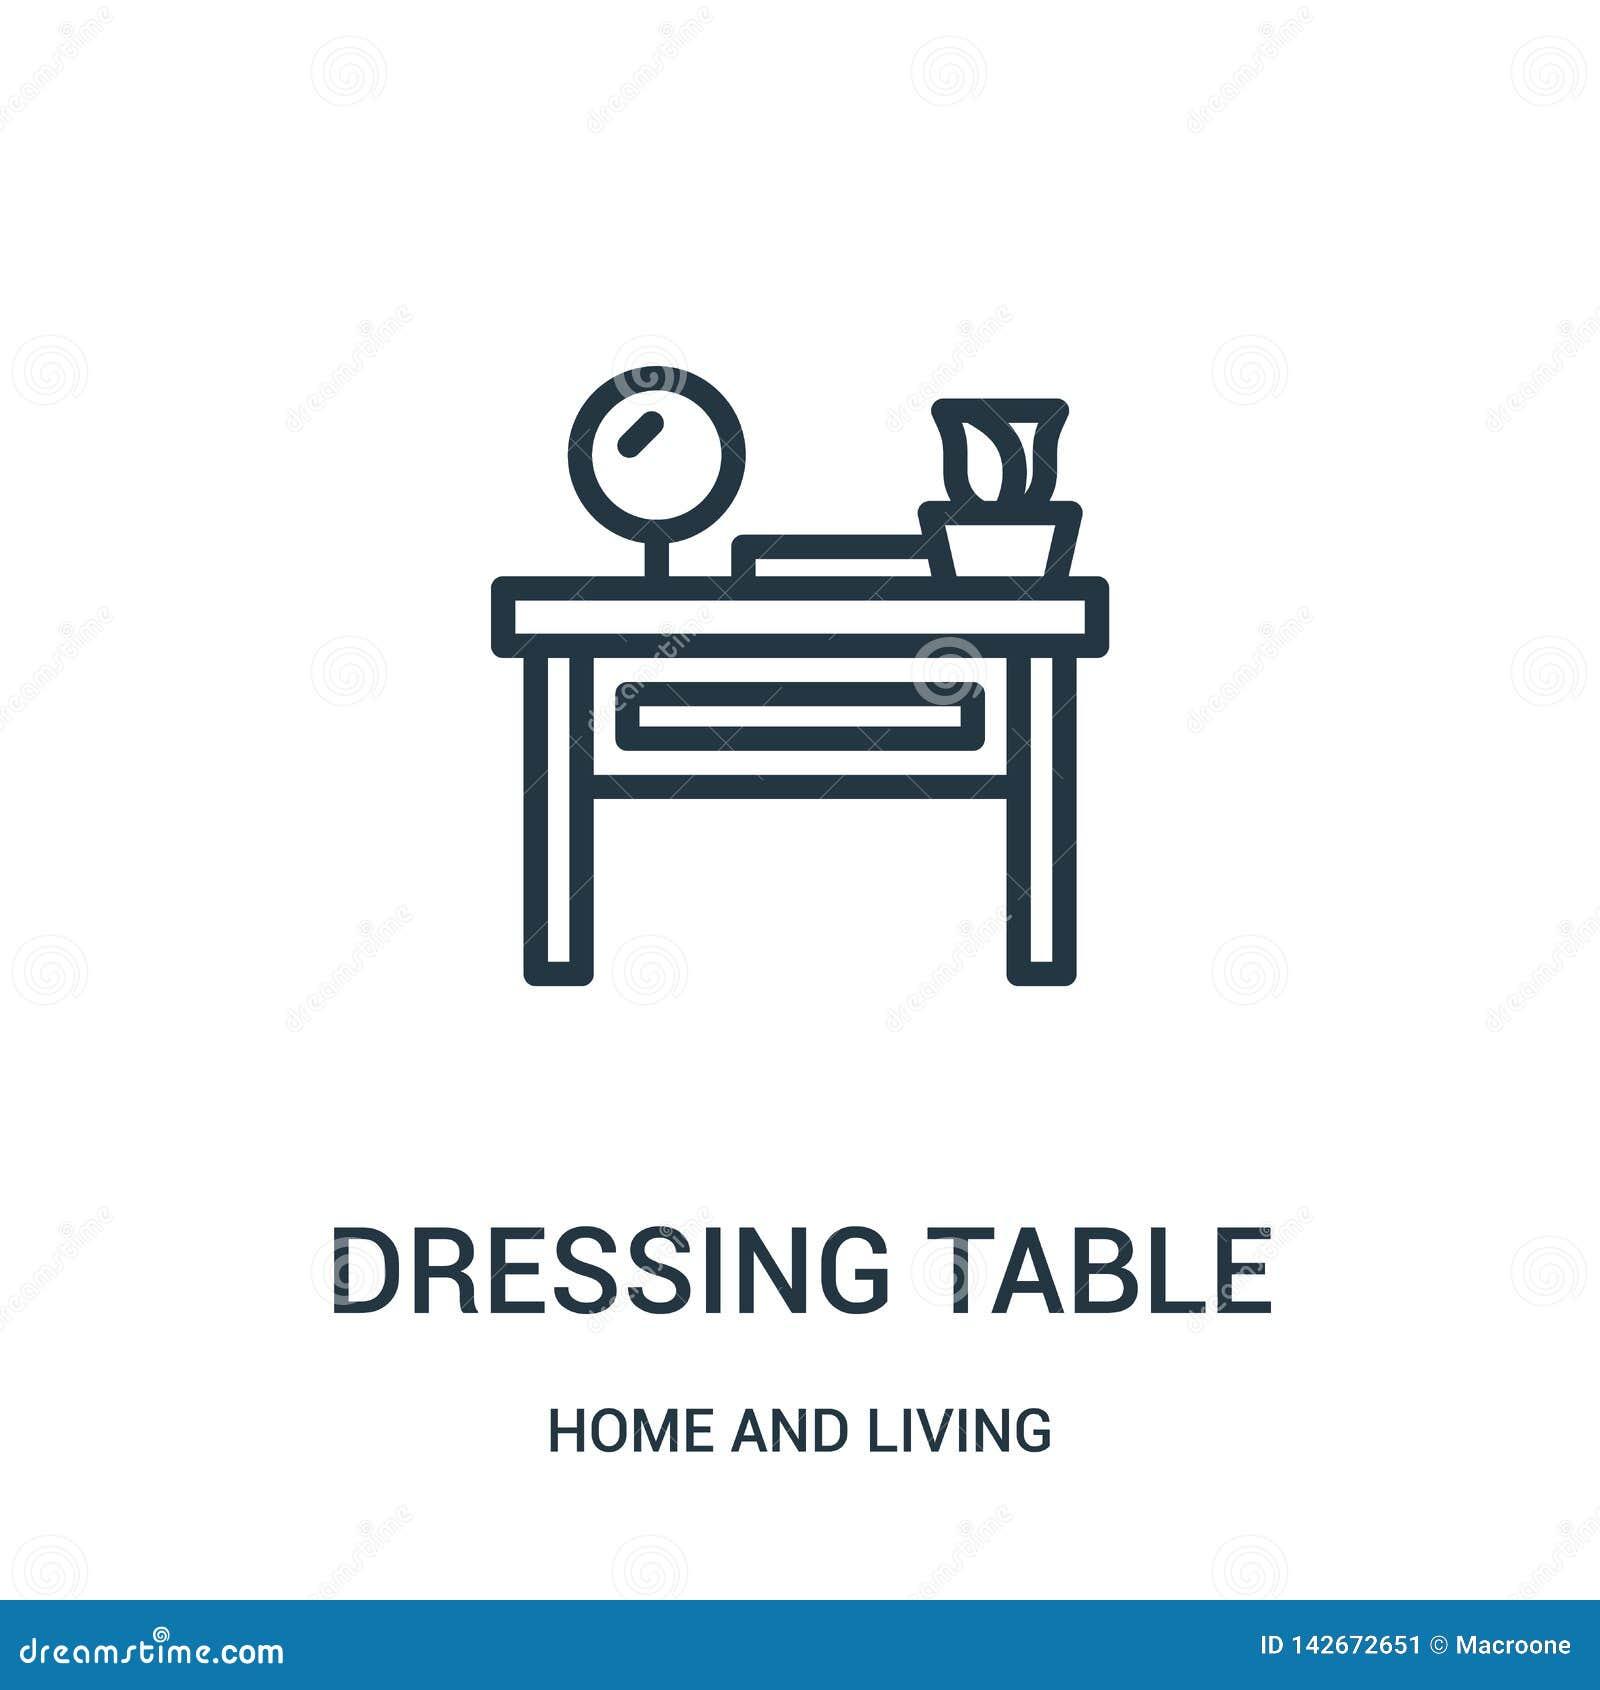 вектор значка таблицы шлихты от дома и живущего собрания Тонкая линия иллюстрация вектора значка плана таблицы шлихты линейно